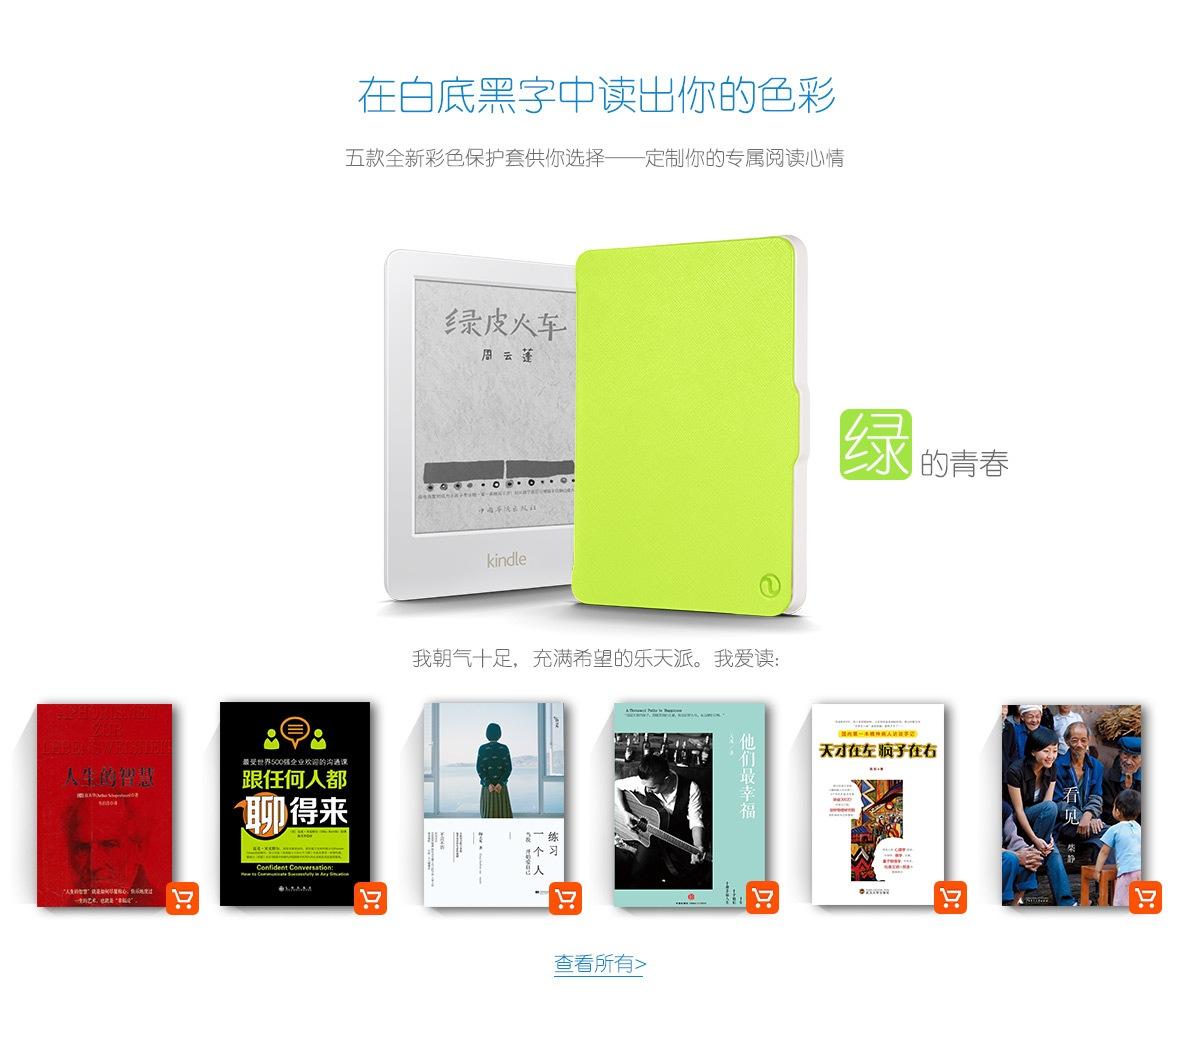 白色Kindle电子书阅读器中国首发_绿